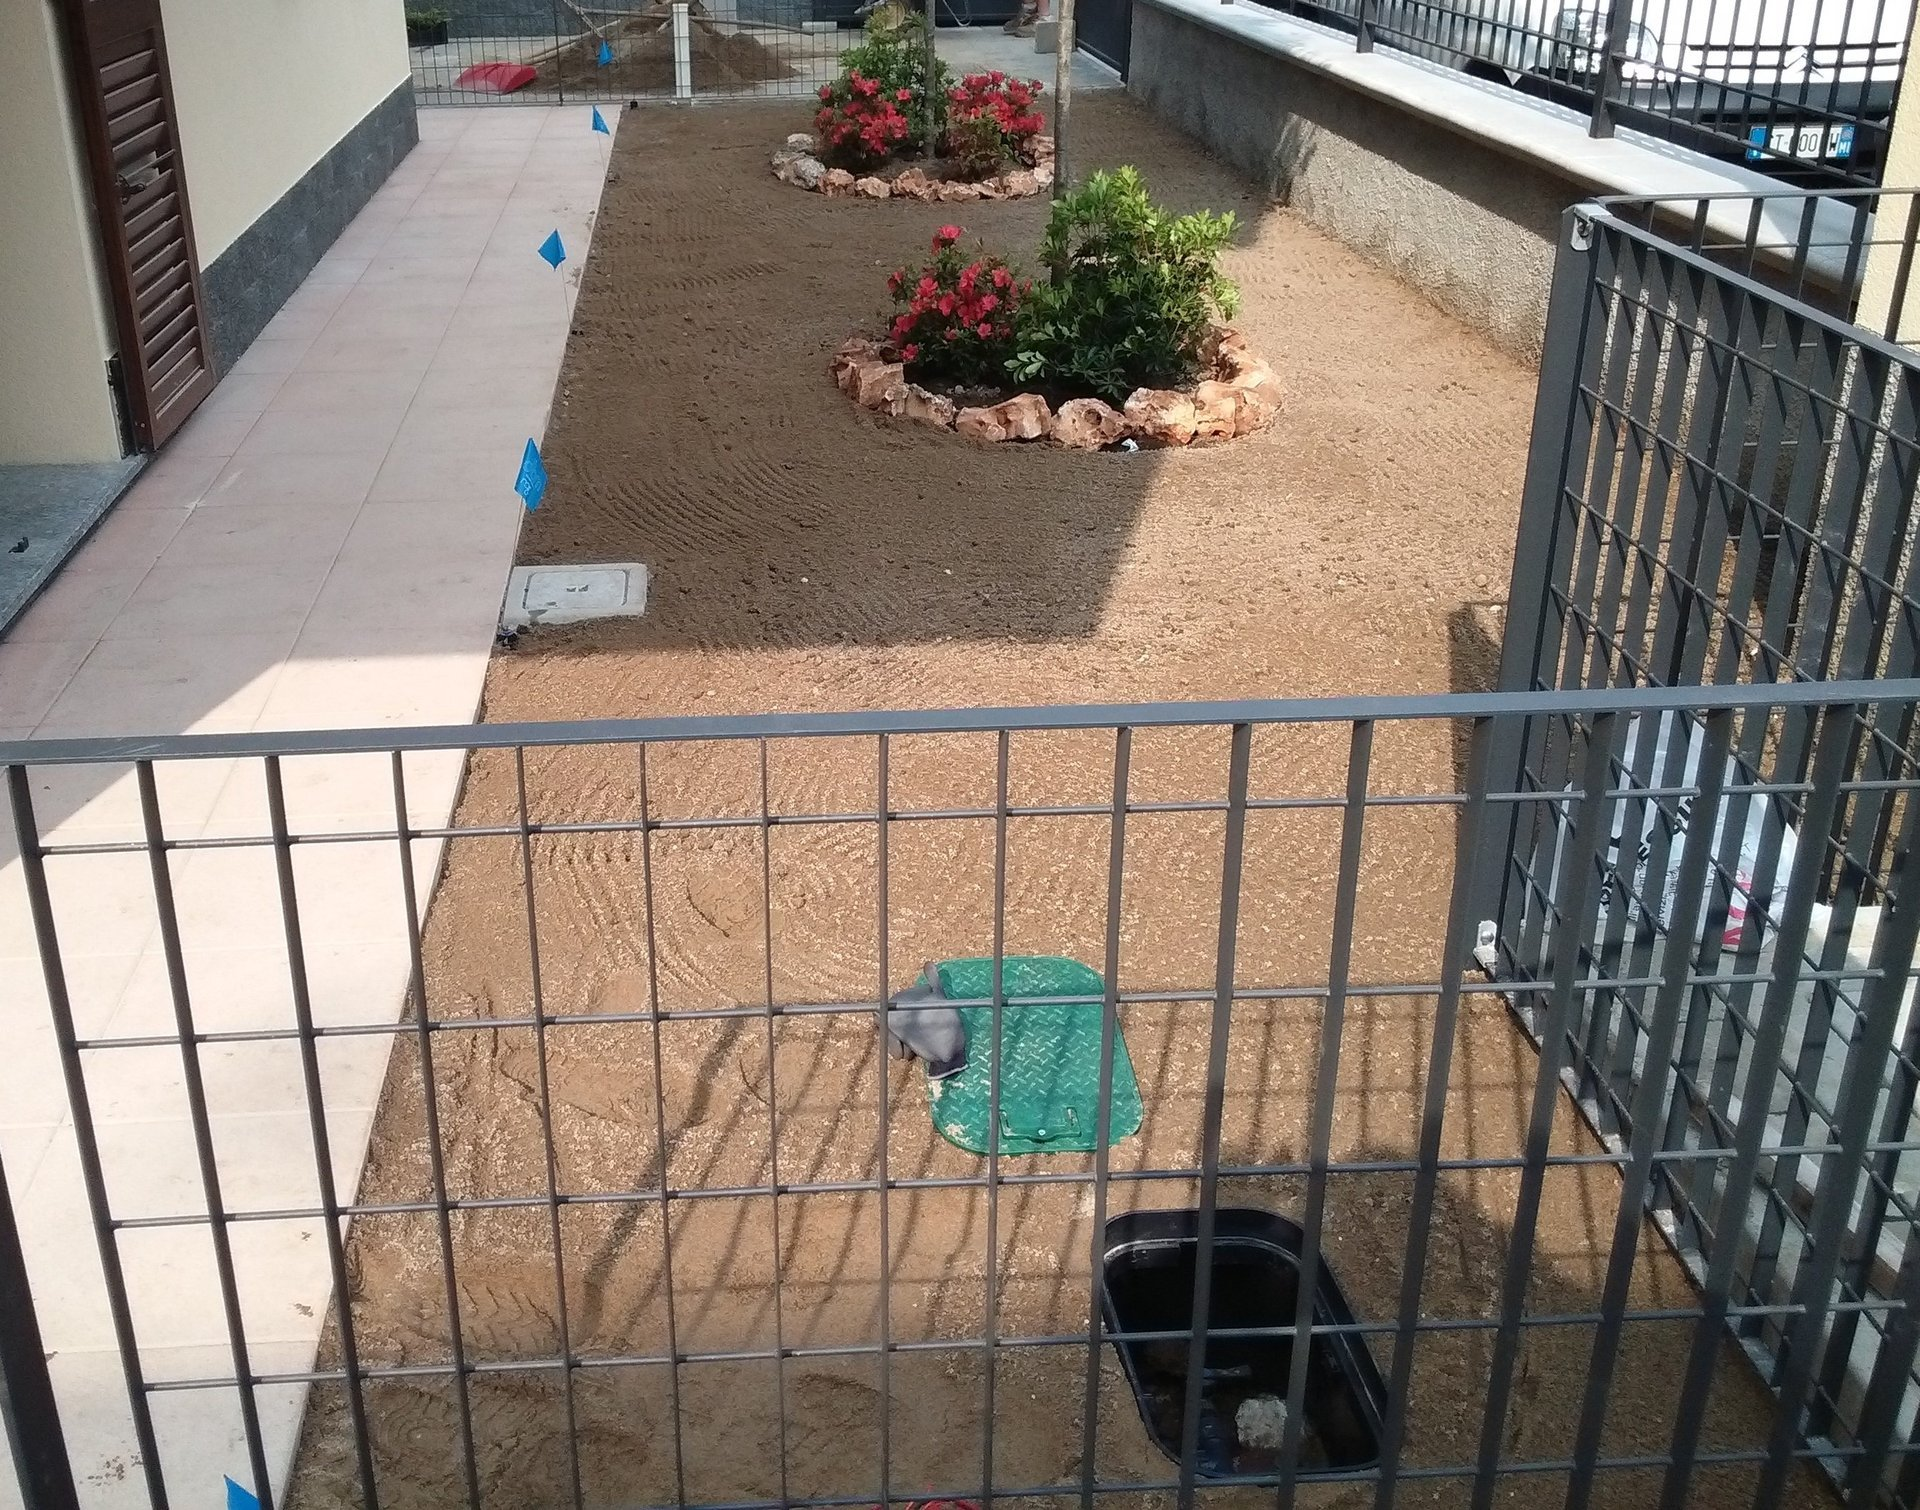 rifacimento pavimento cortile con ringhiere in legno